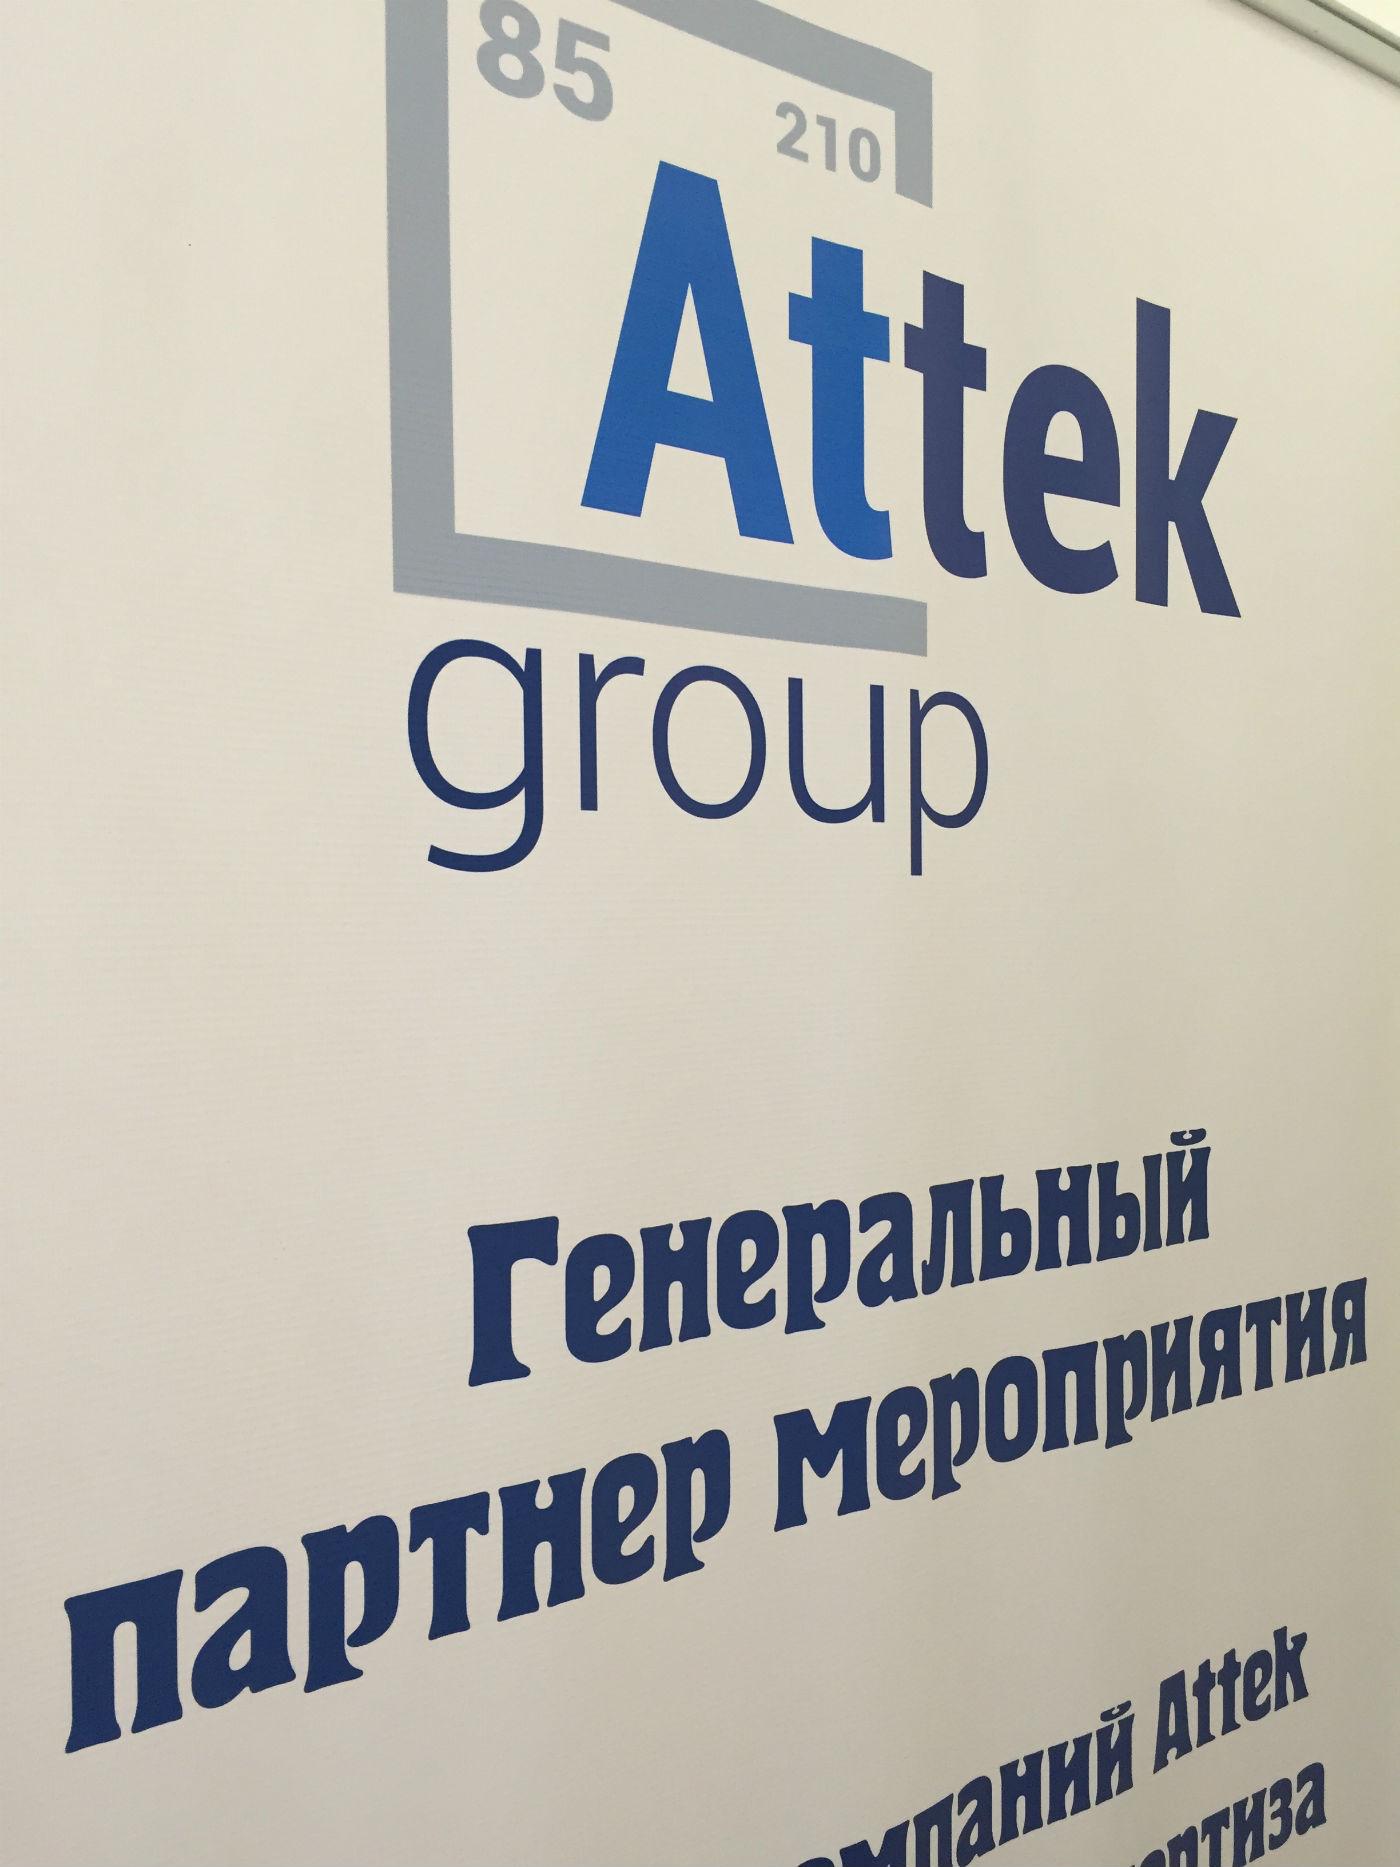 Attek group проведет международный конгресс в Сочи